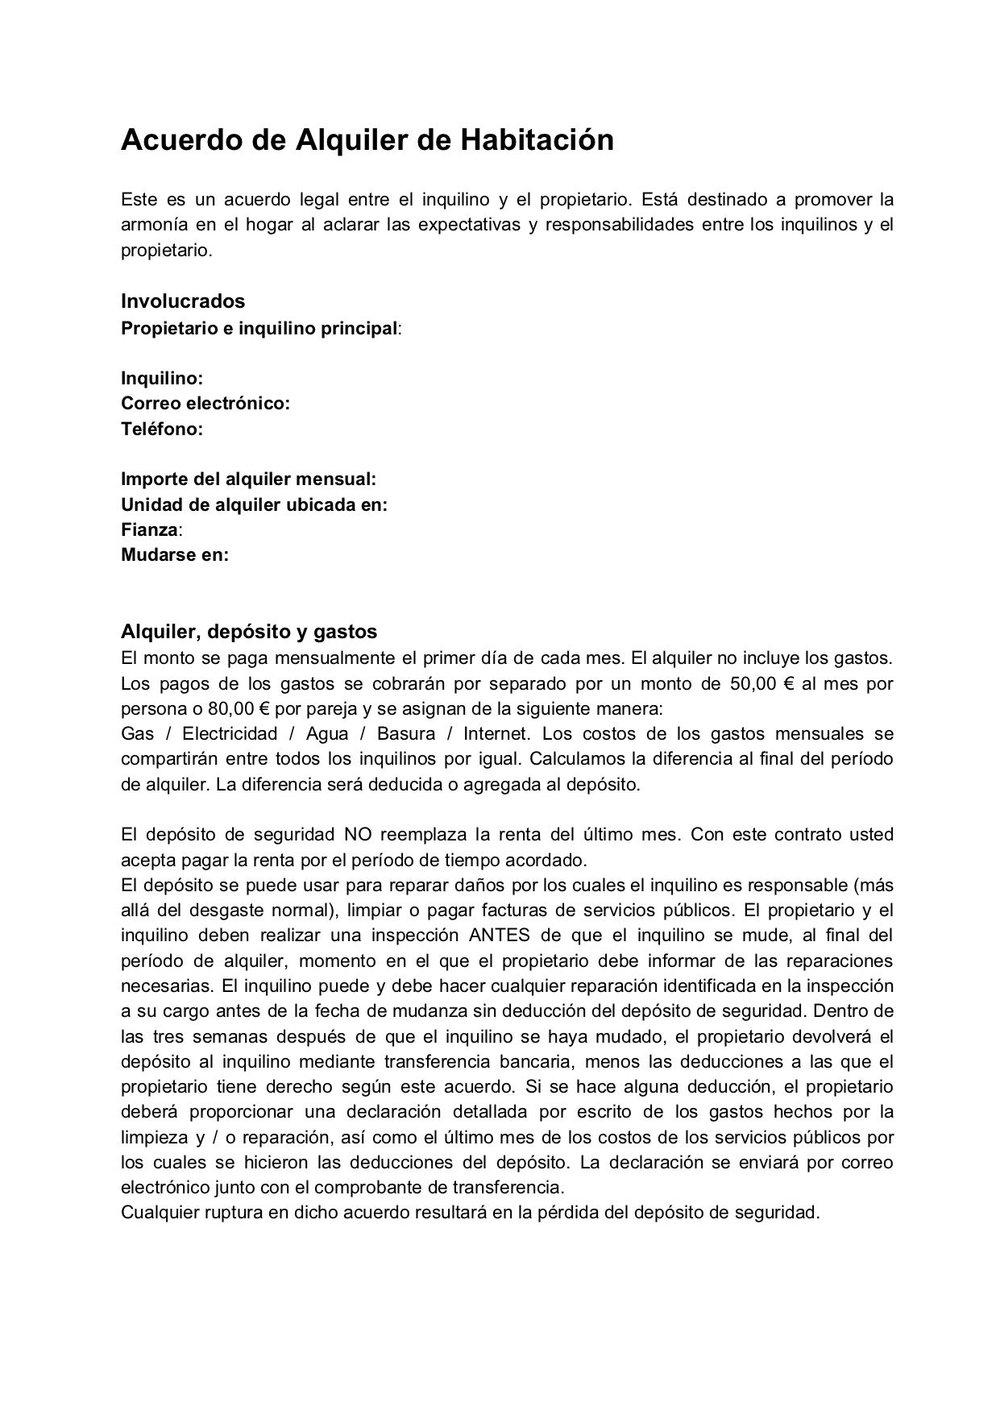 Copy of ESP Contrato Habitación Estudiantes.jpg